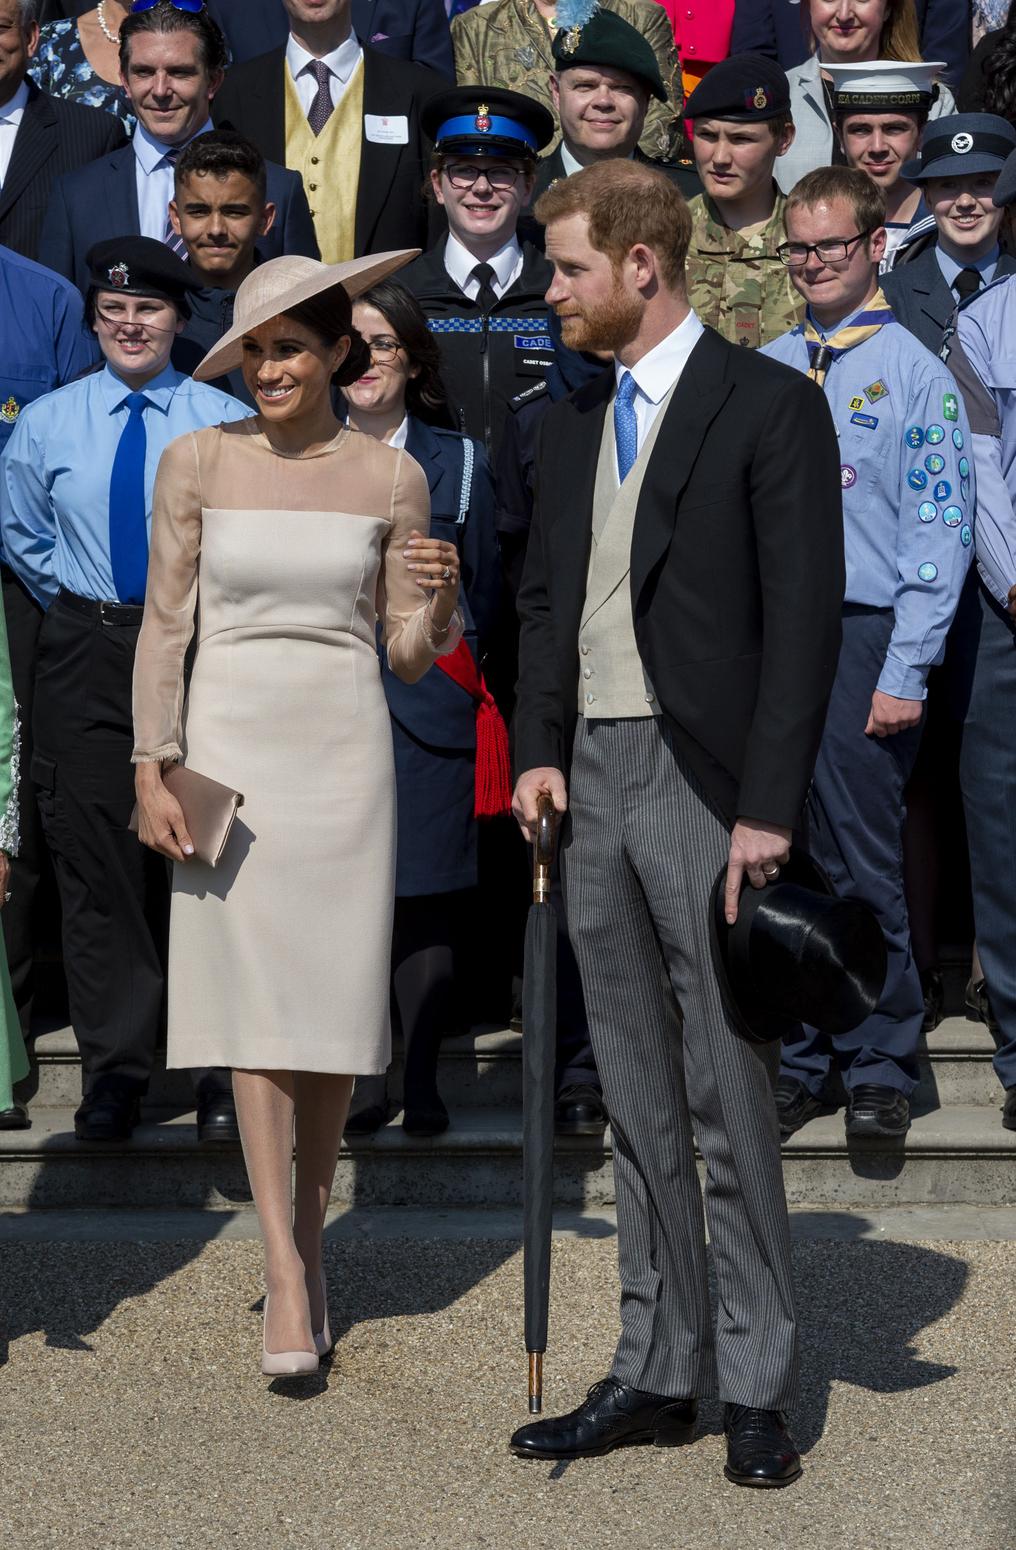 Meghan hercegné és Harry herceg első hivatalos megjelenése az esküvő után. Fotó: Getty Images